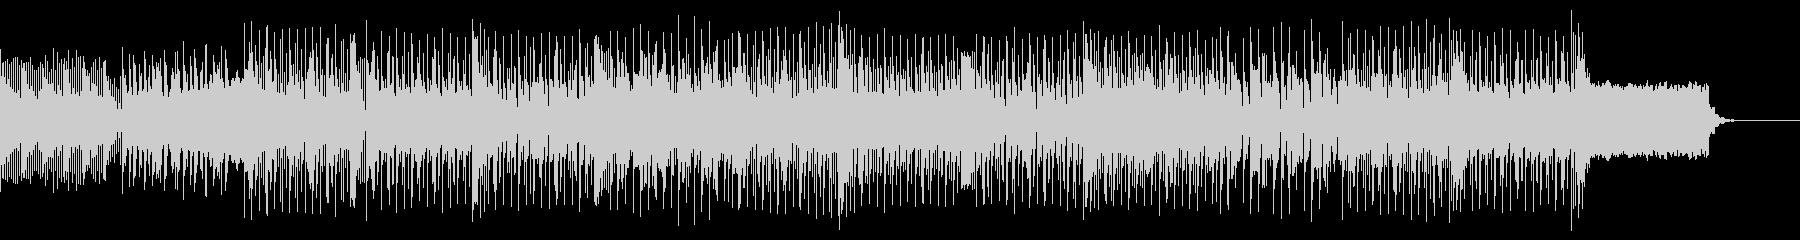 無機質な感じのテクノハウス系BGMの未再生の波形